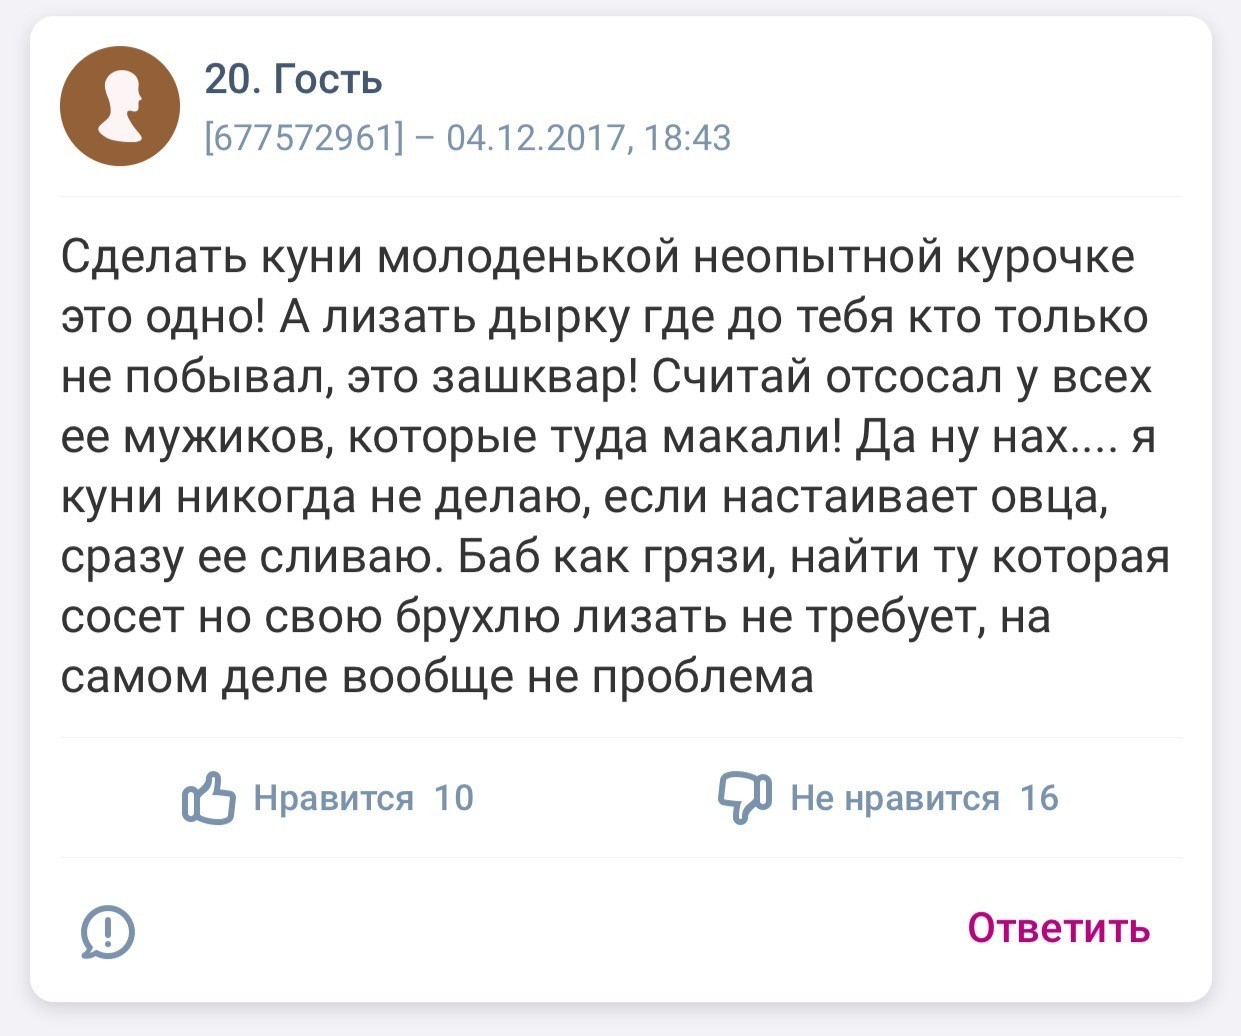 сообразили )))) думаю, парень и девушки эротика онлайн лажа Жаль